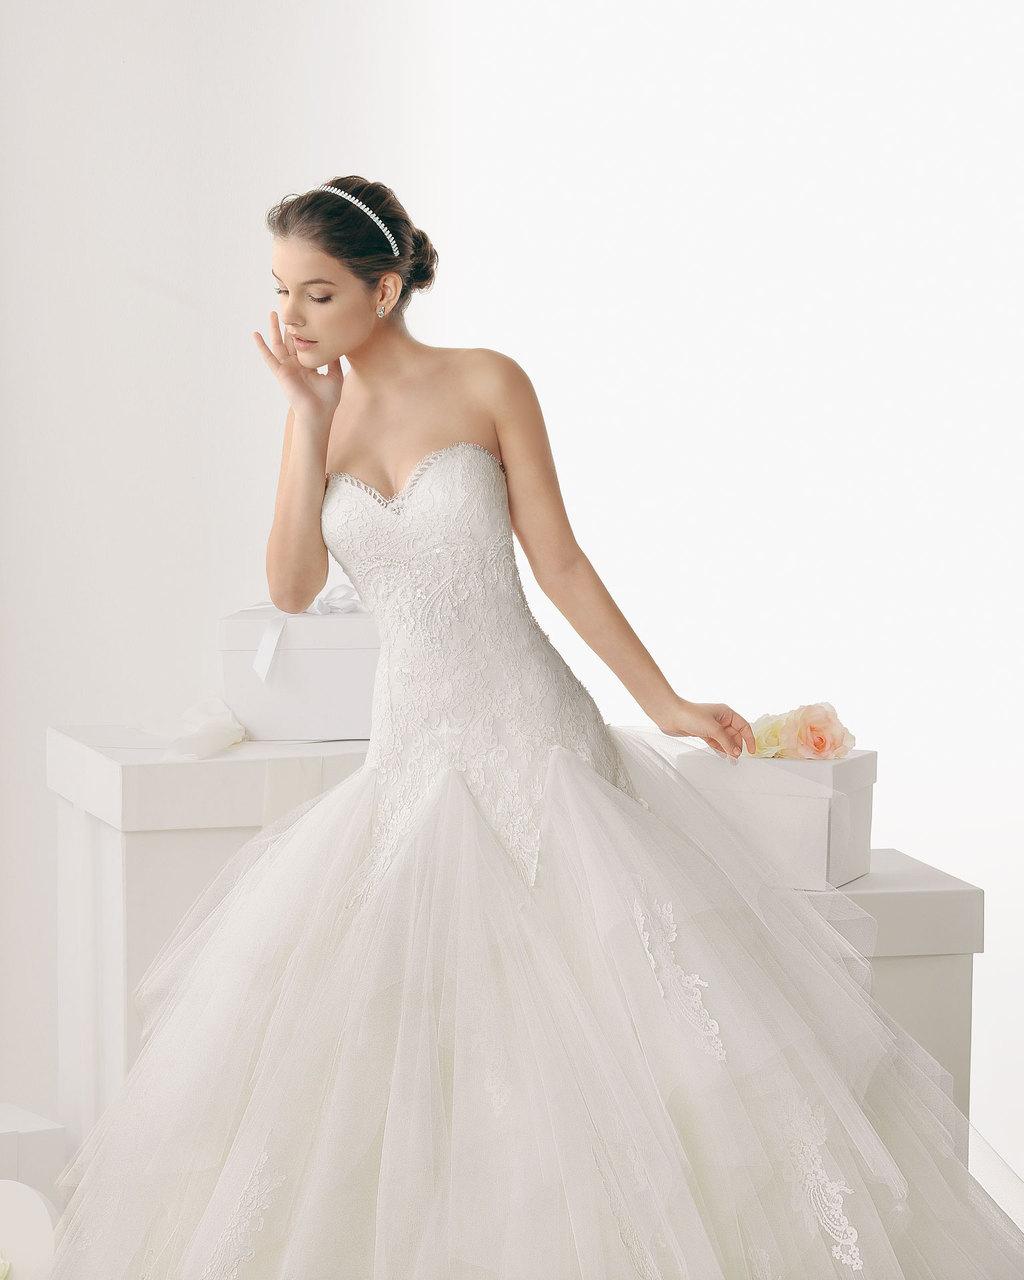 Rosa-clara-wedding-dress-2014-bridal-cadaques.full